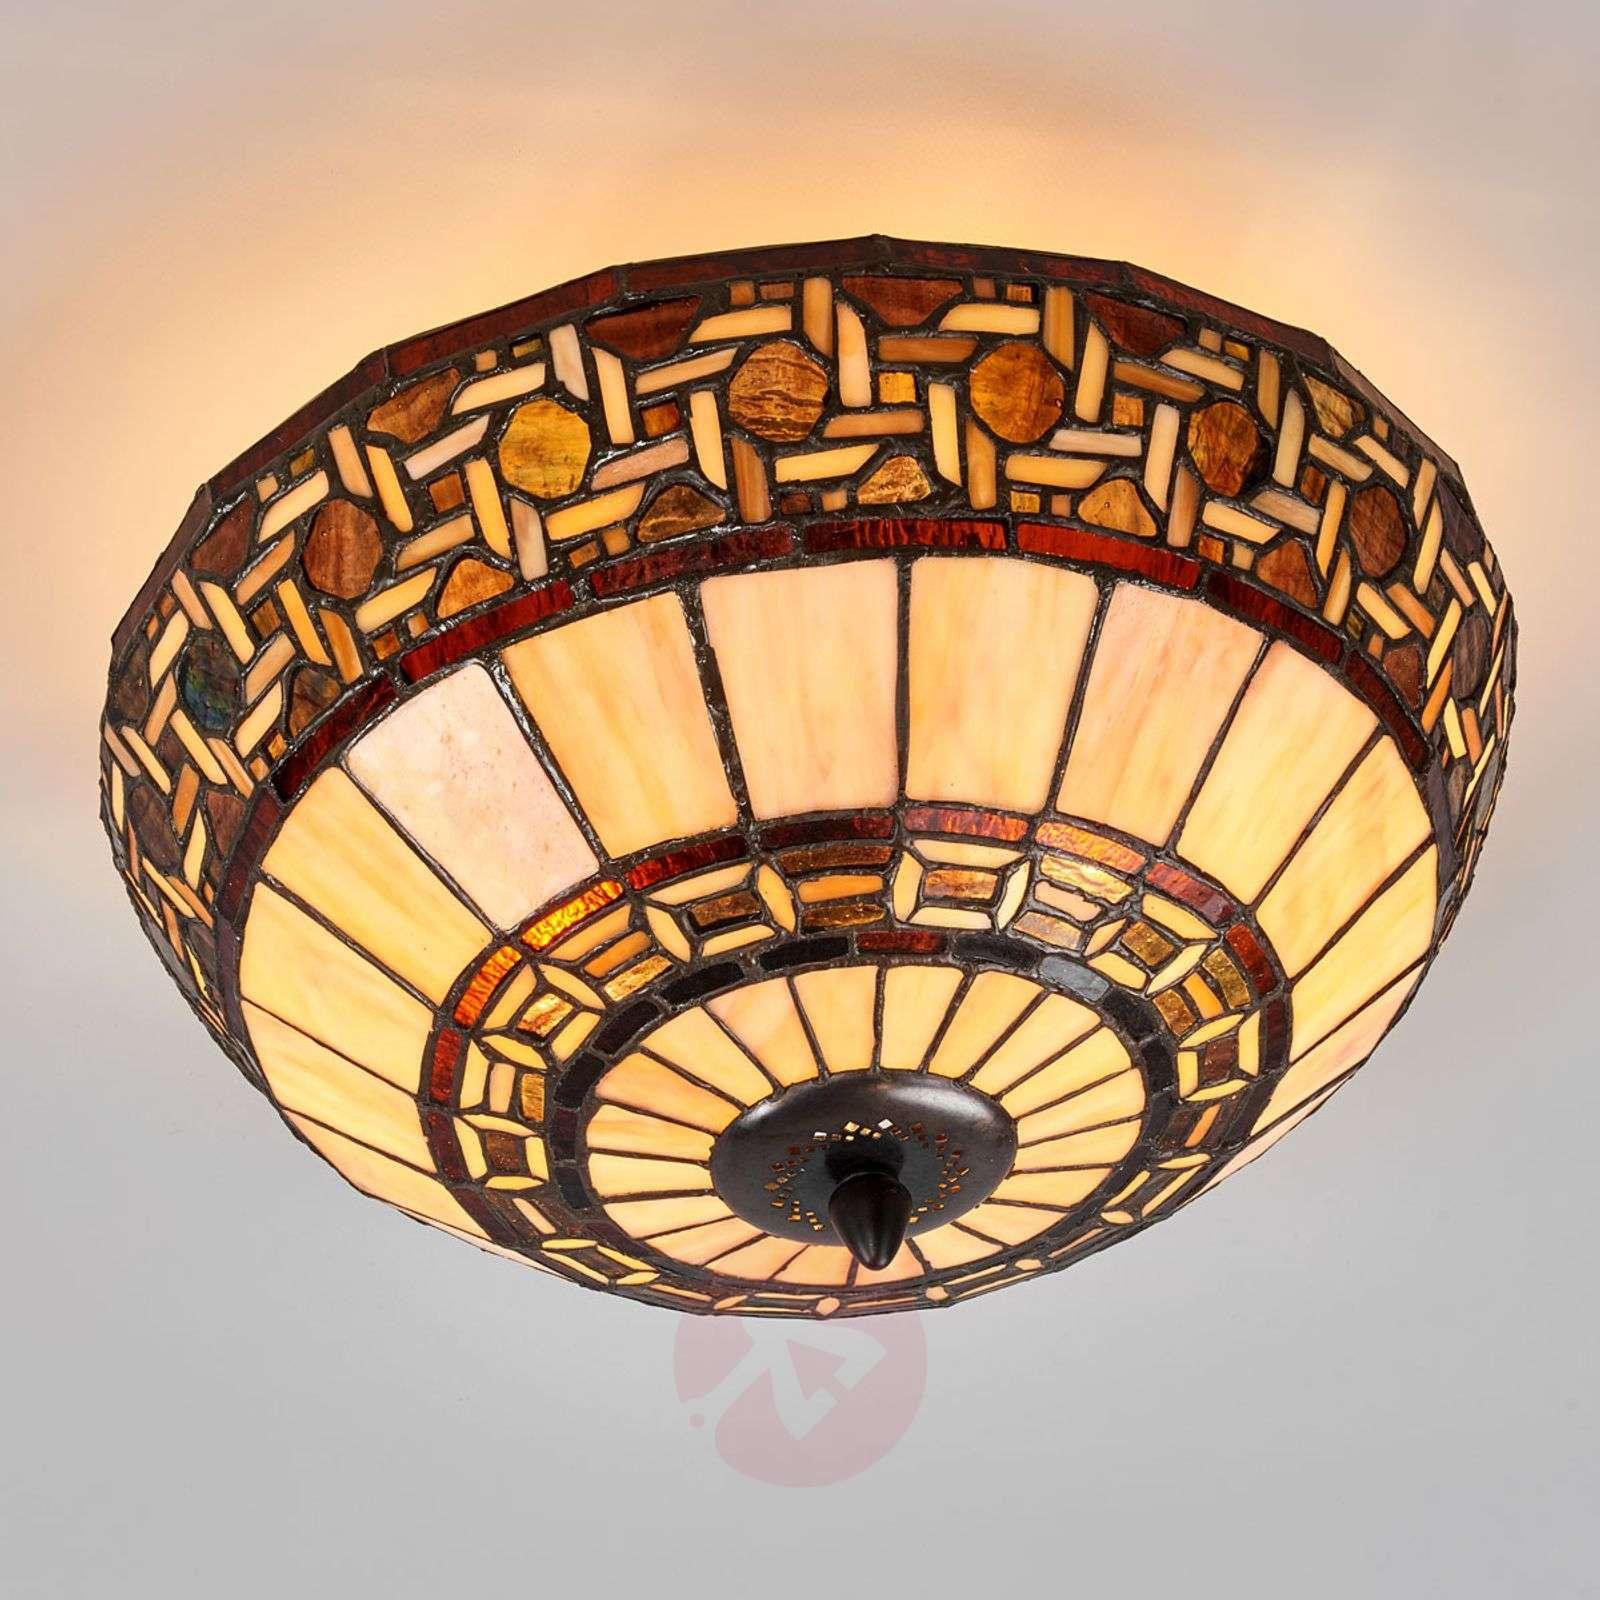 Tiffany-tyylinen Wilma-kattovalaisin-6064223-01